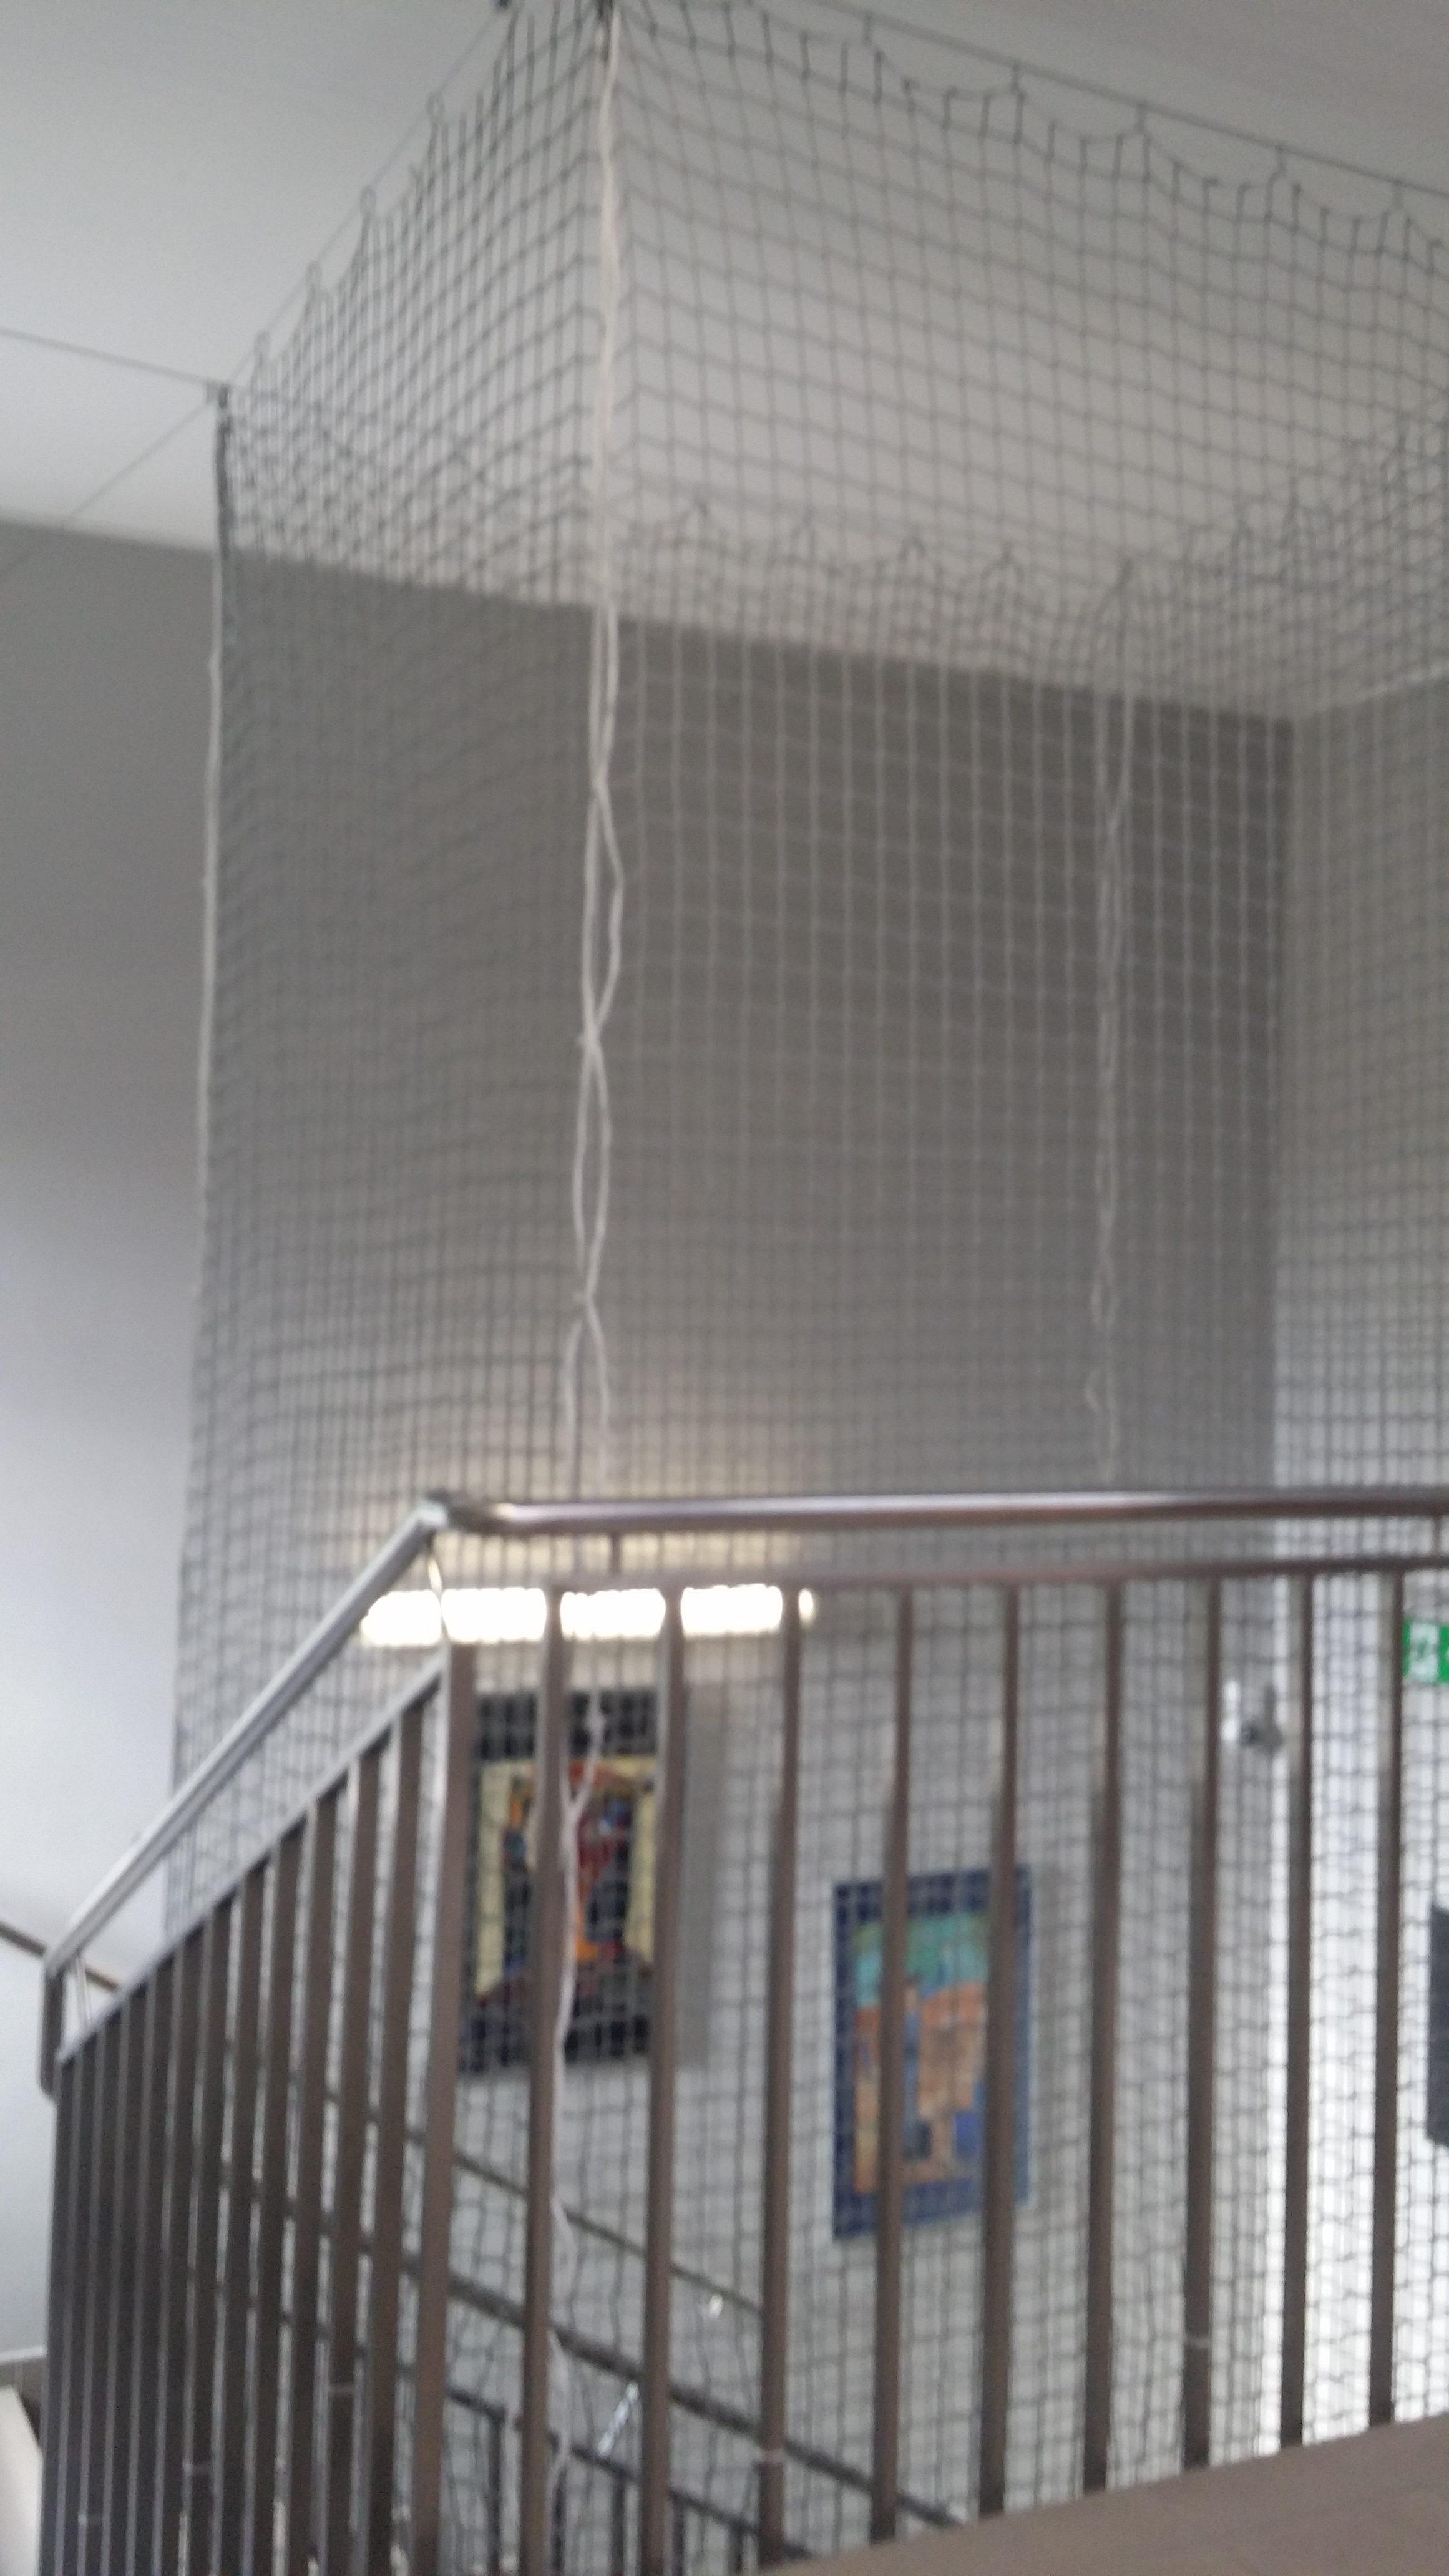 Doposażenie klatki schodowej wraz z modernizacją piłkochwytów i przebudowa kącika porządkowego w SP4